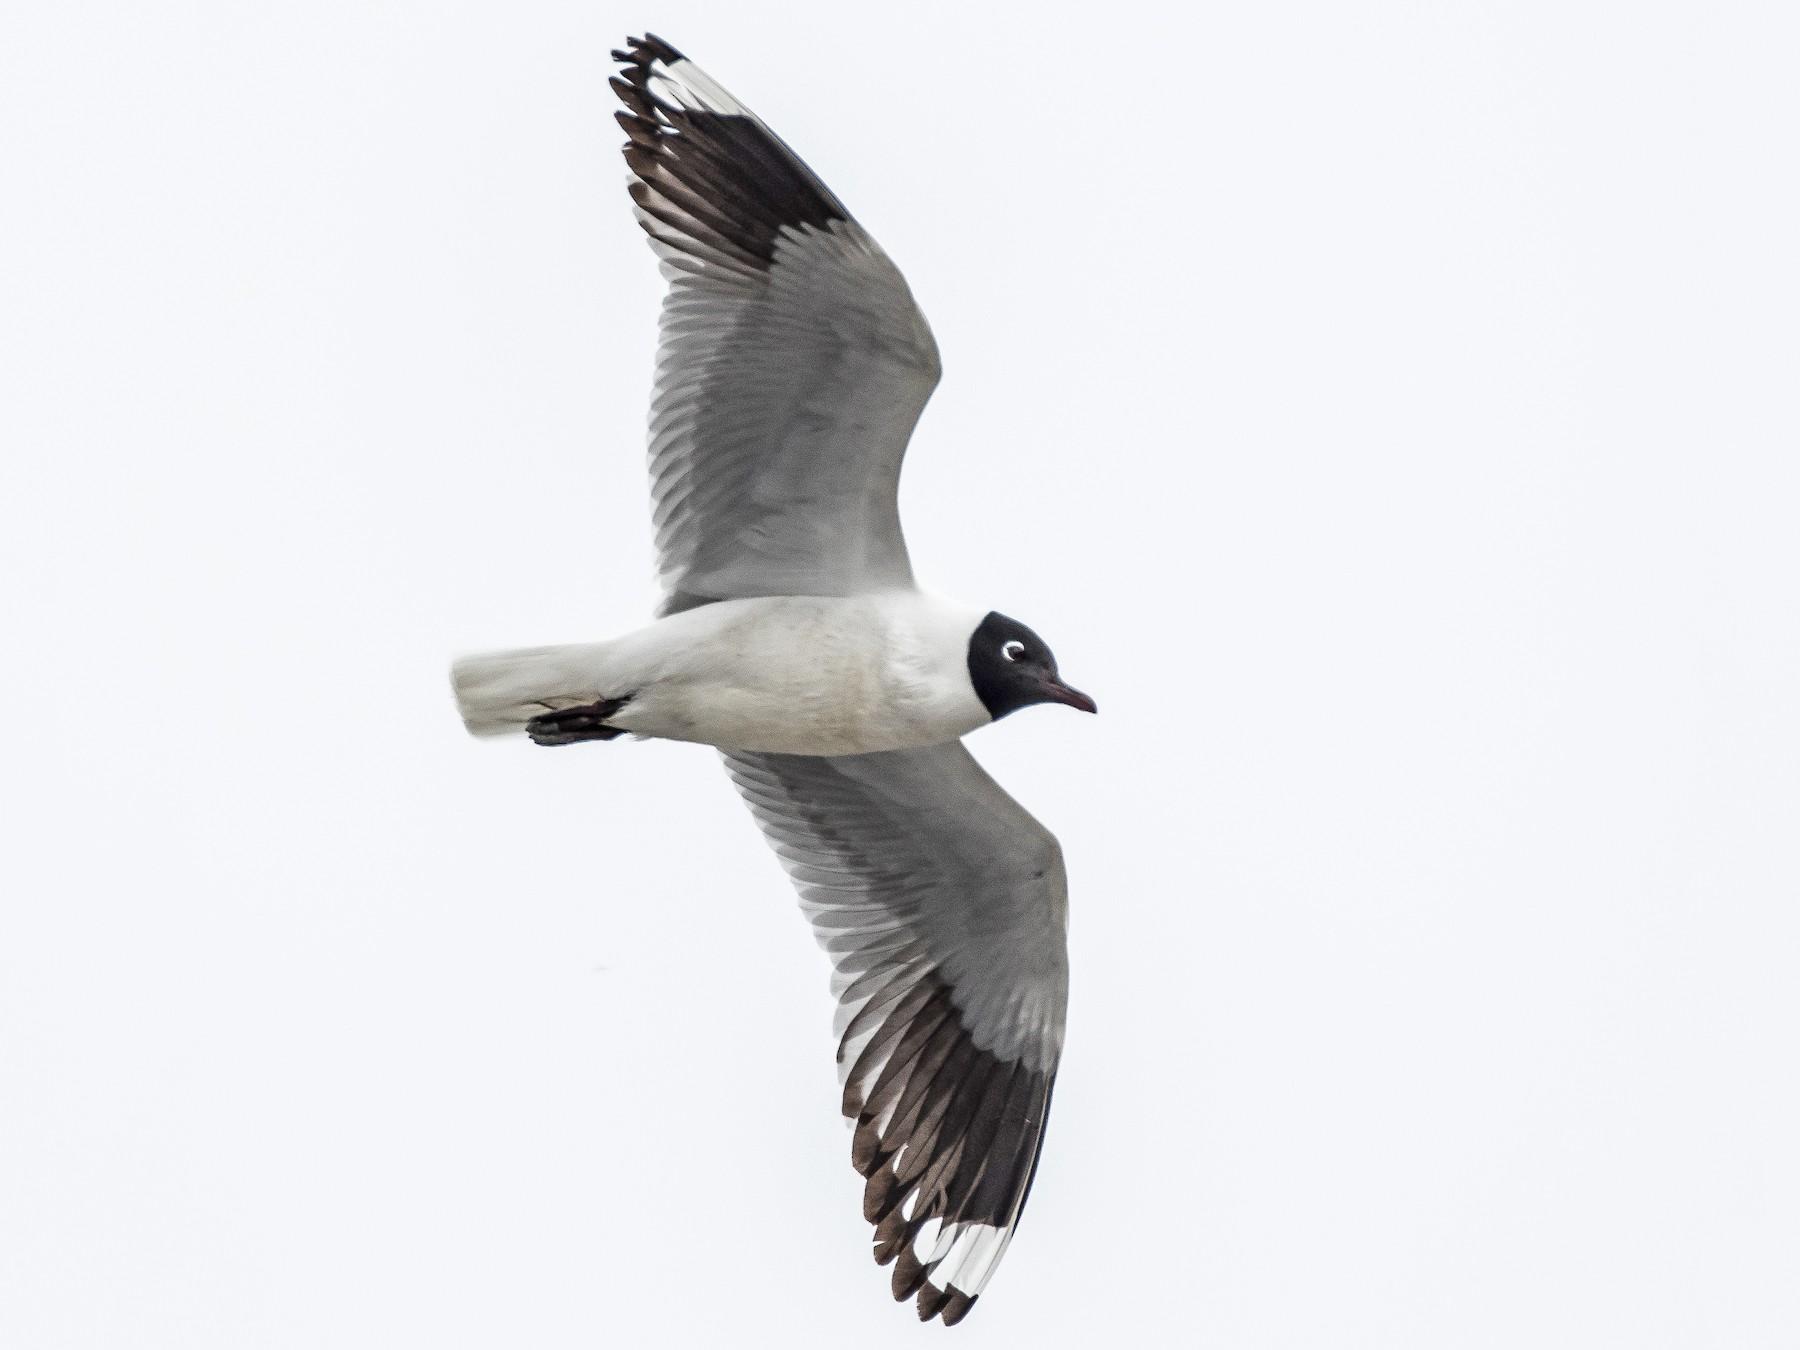 Andean Gull - Blake Matheson